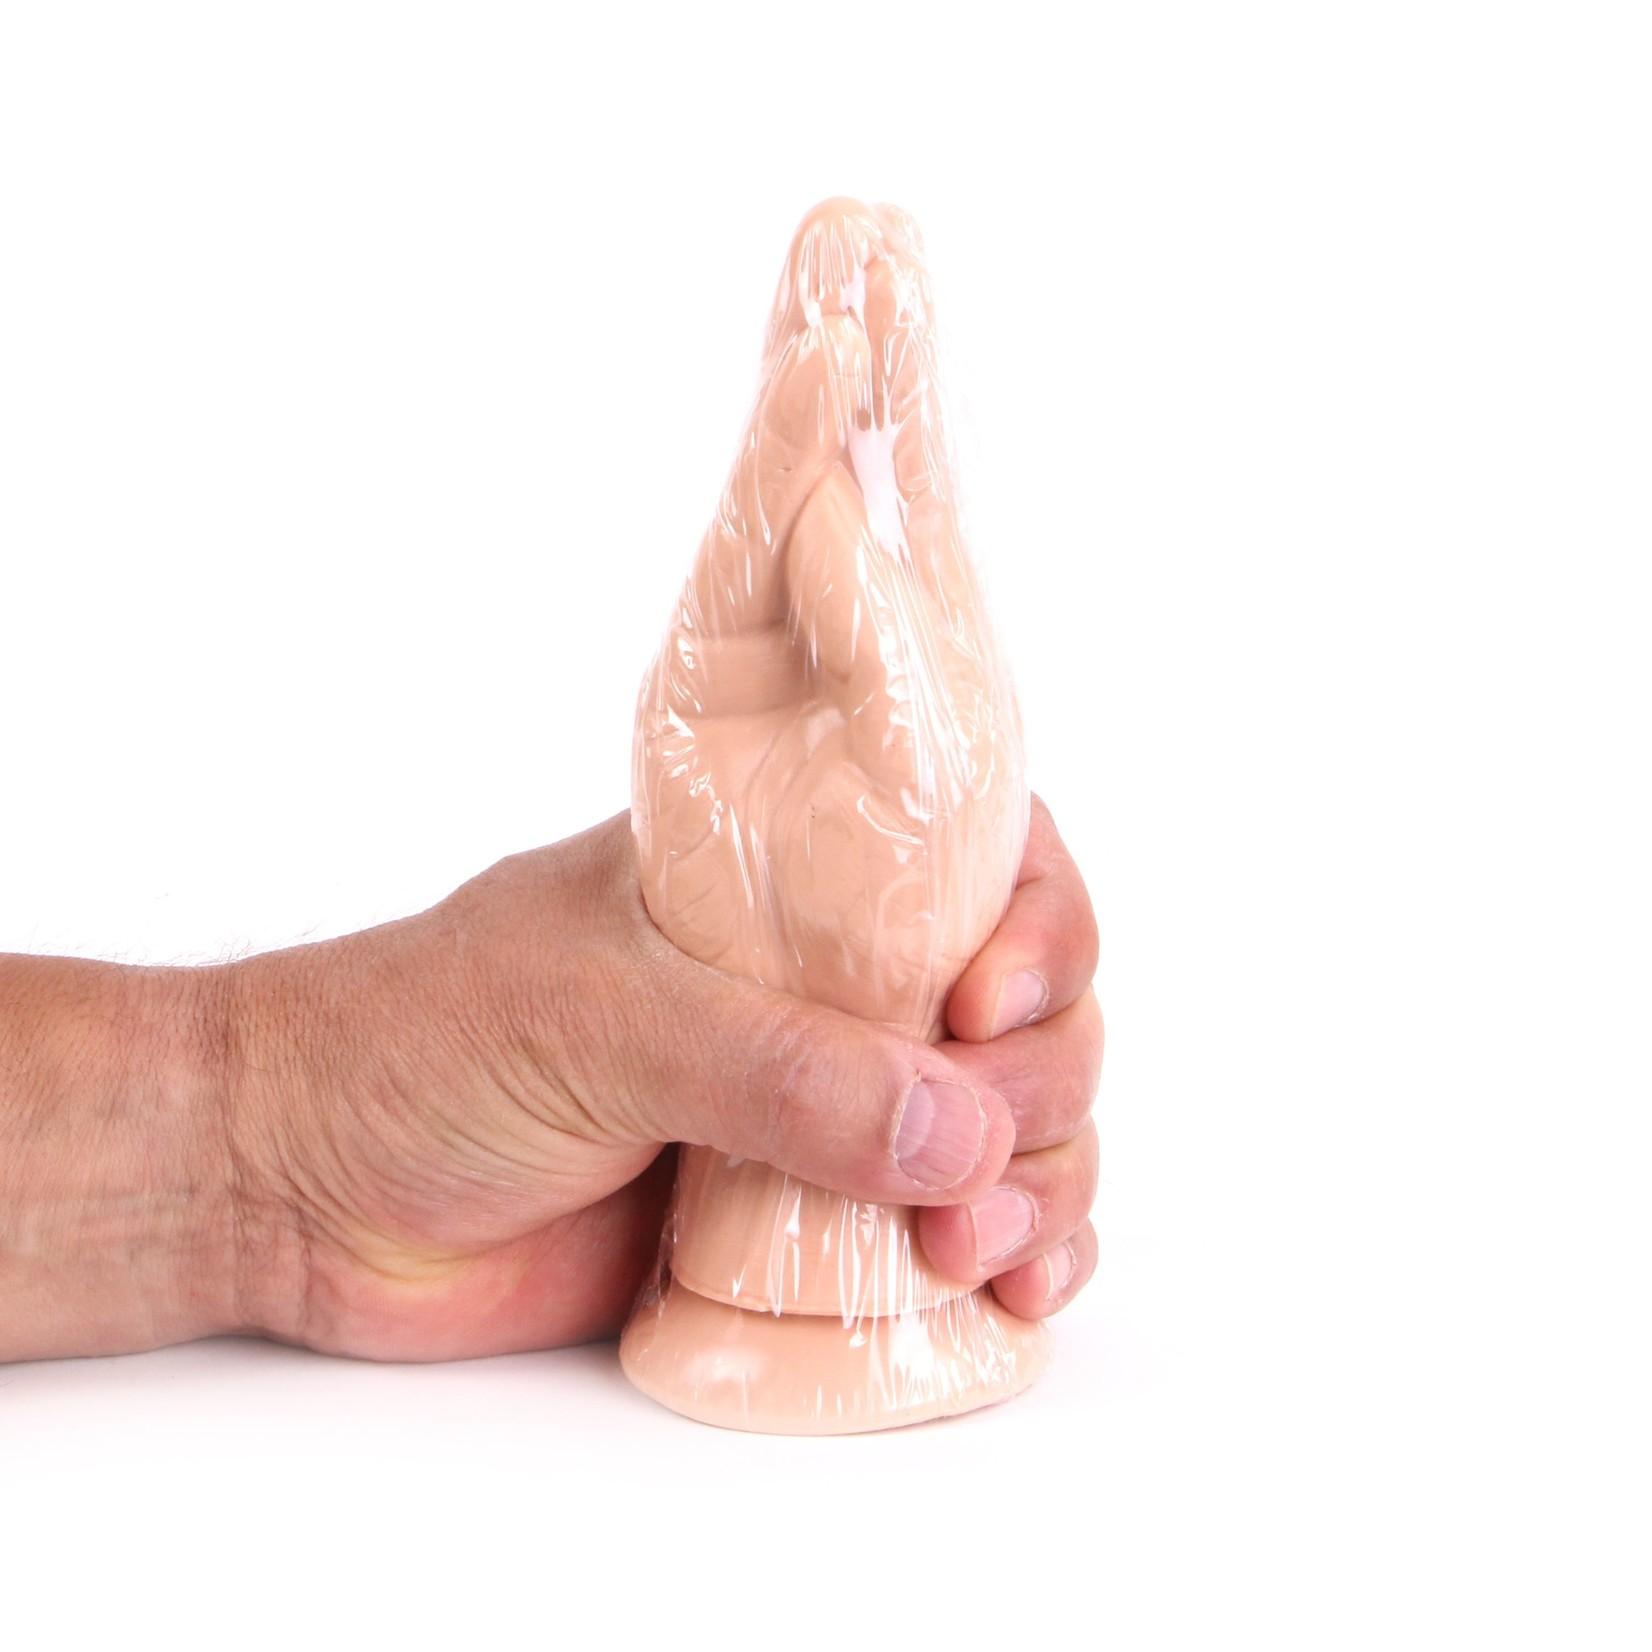 Dinoo Dildos Dinoo King-Size Dildo - Hand Small Blank